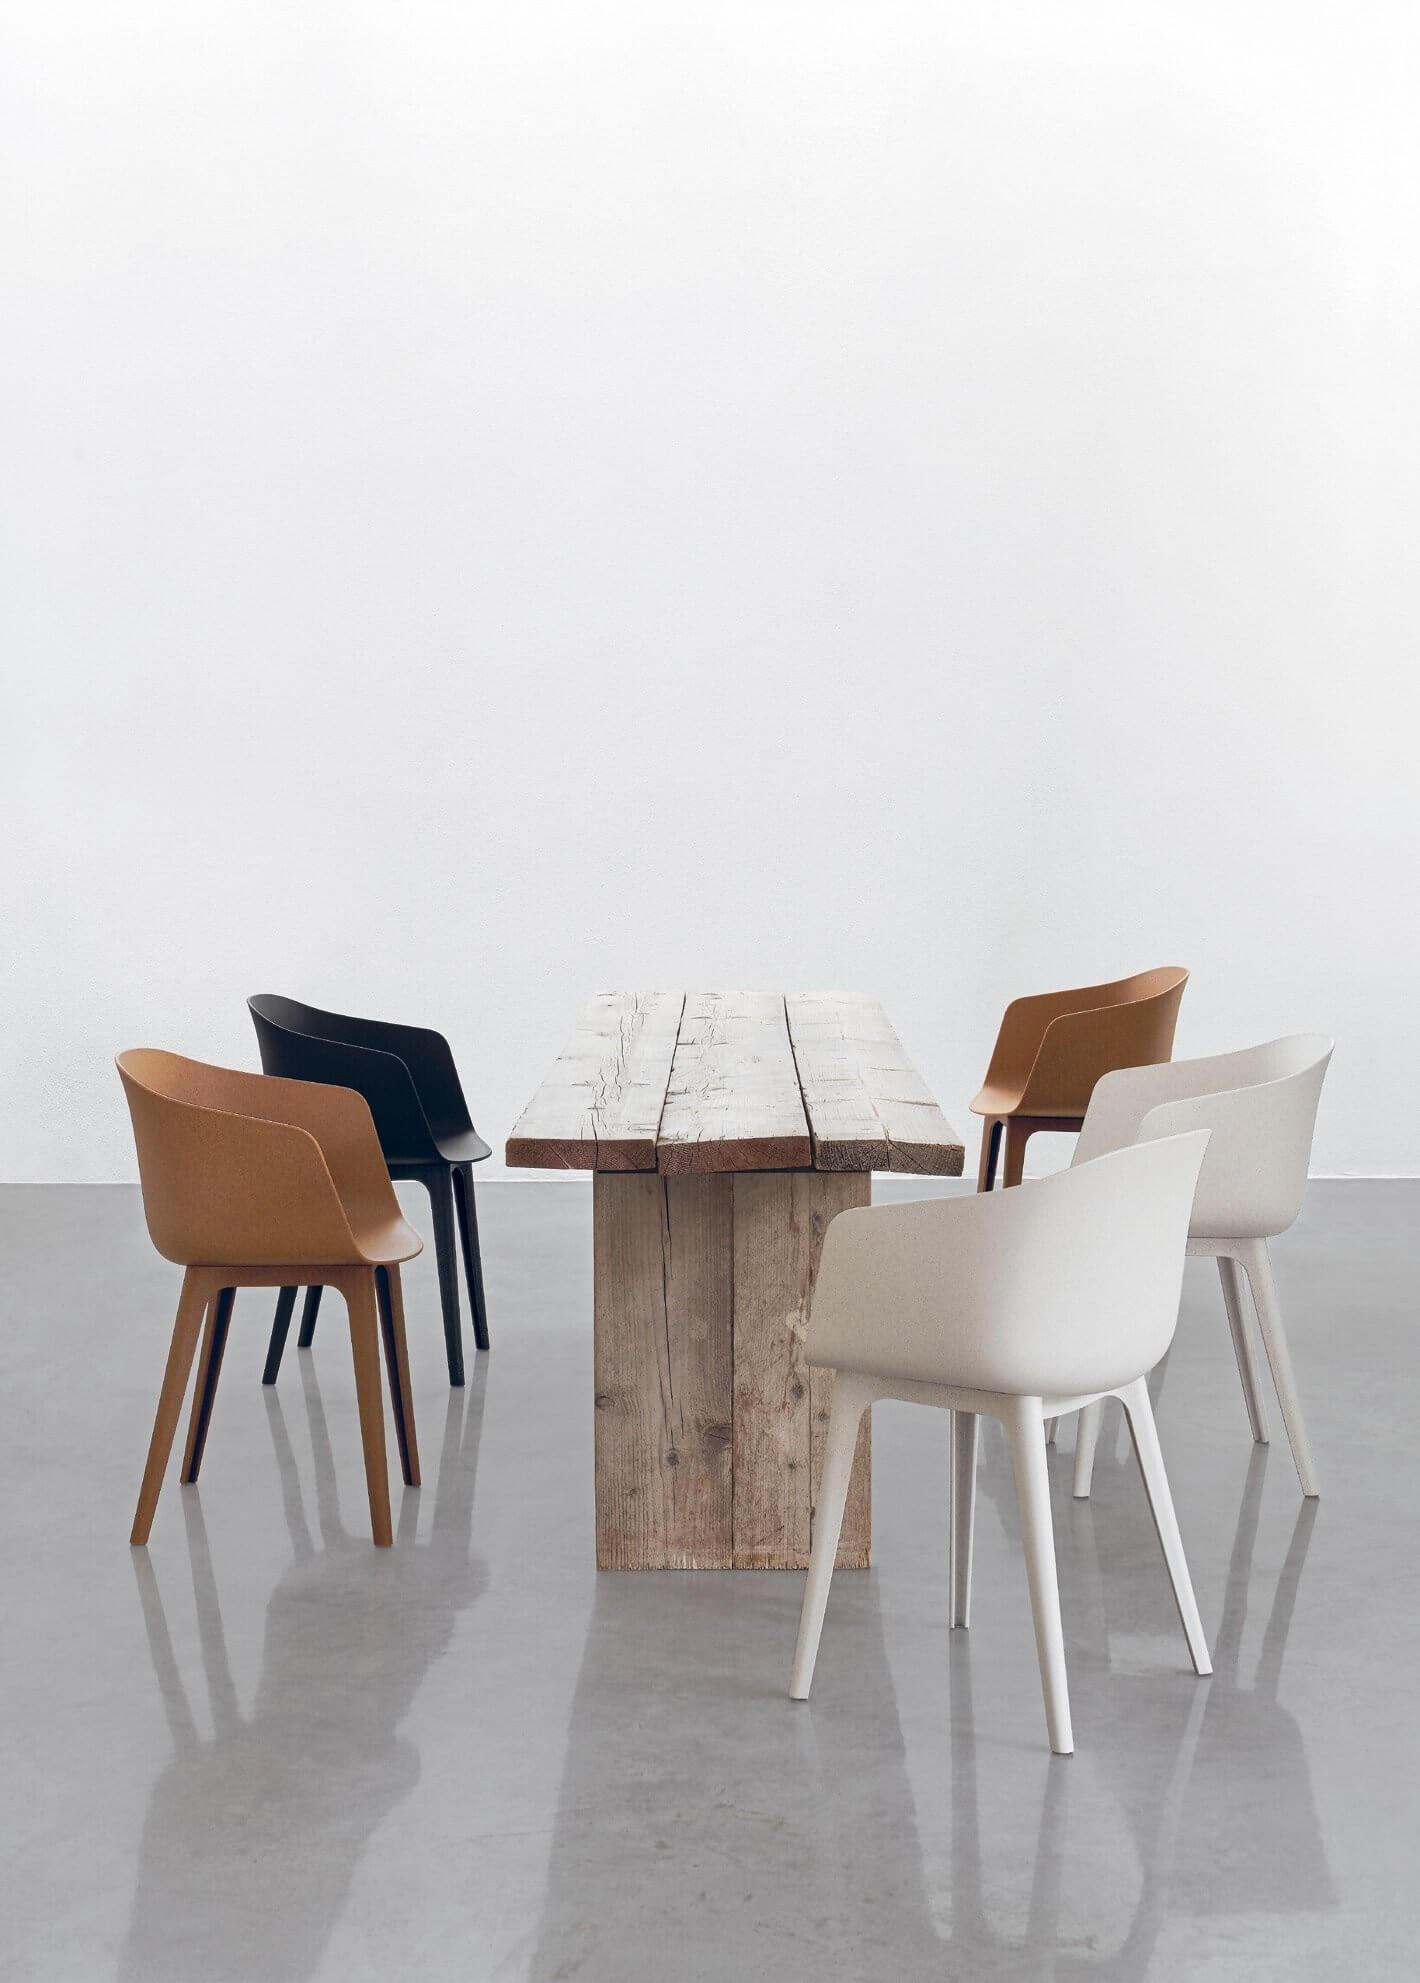 Chaise de mobilier de bureau bénéficiant d'une éco-conception